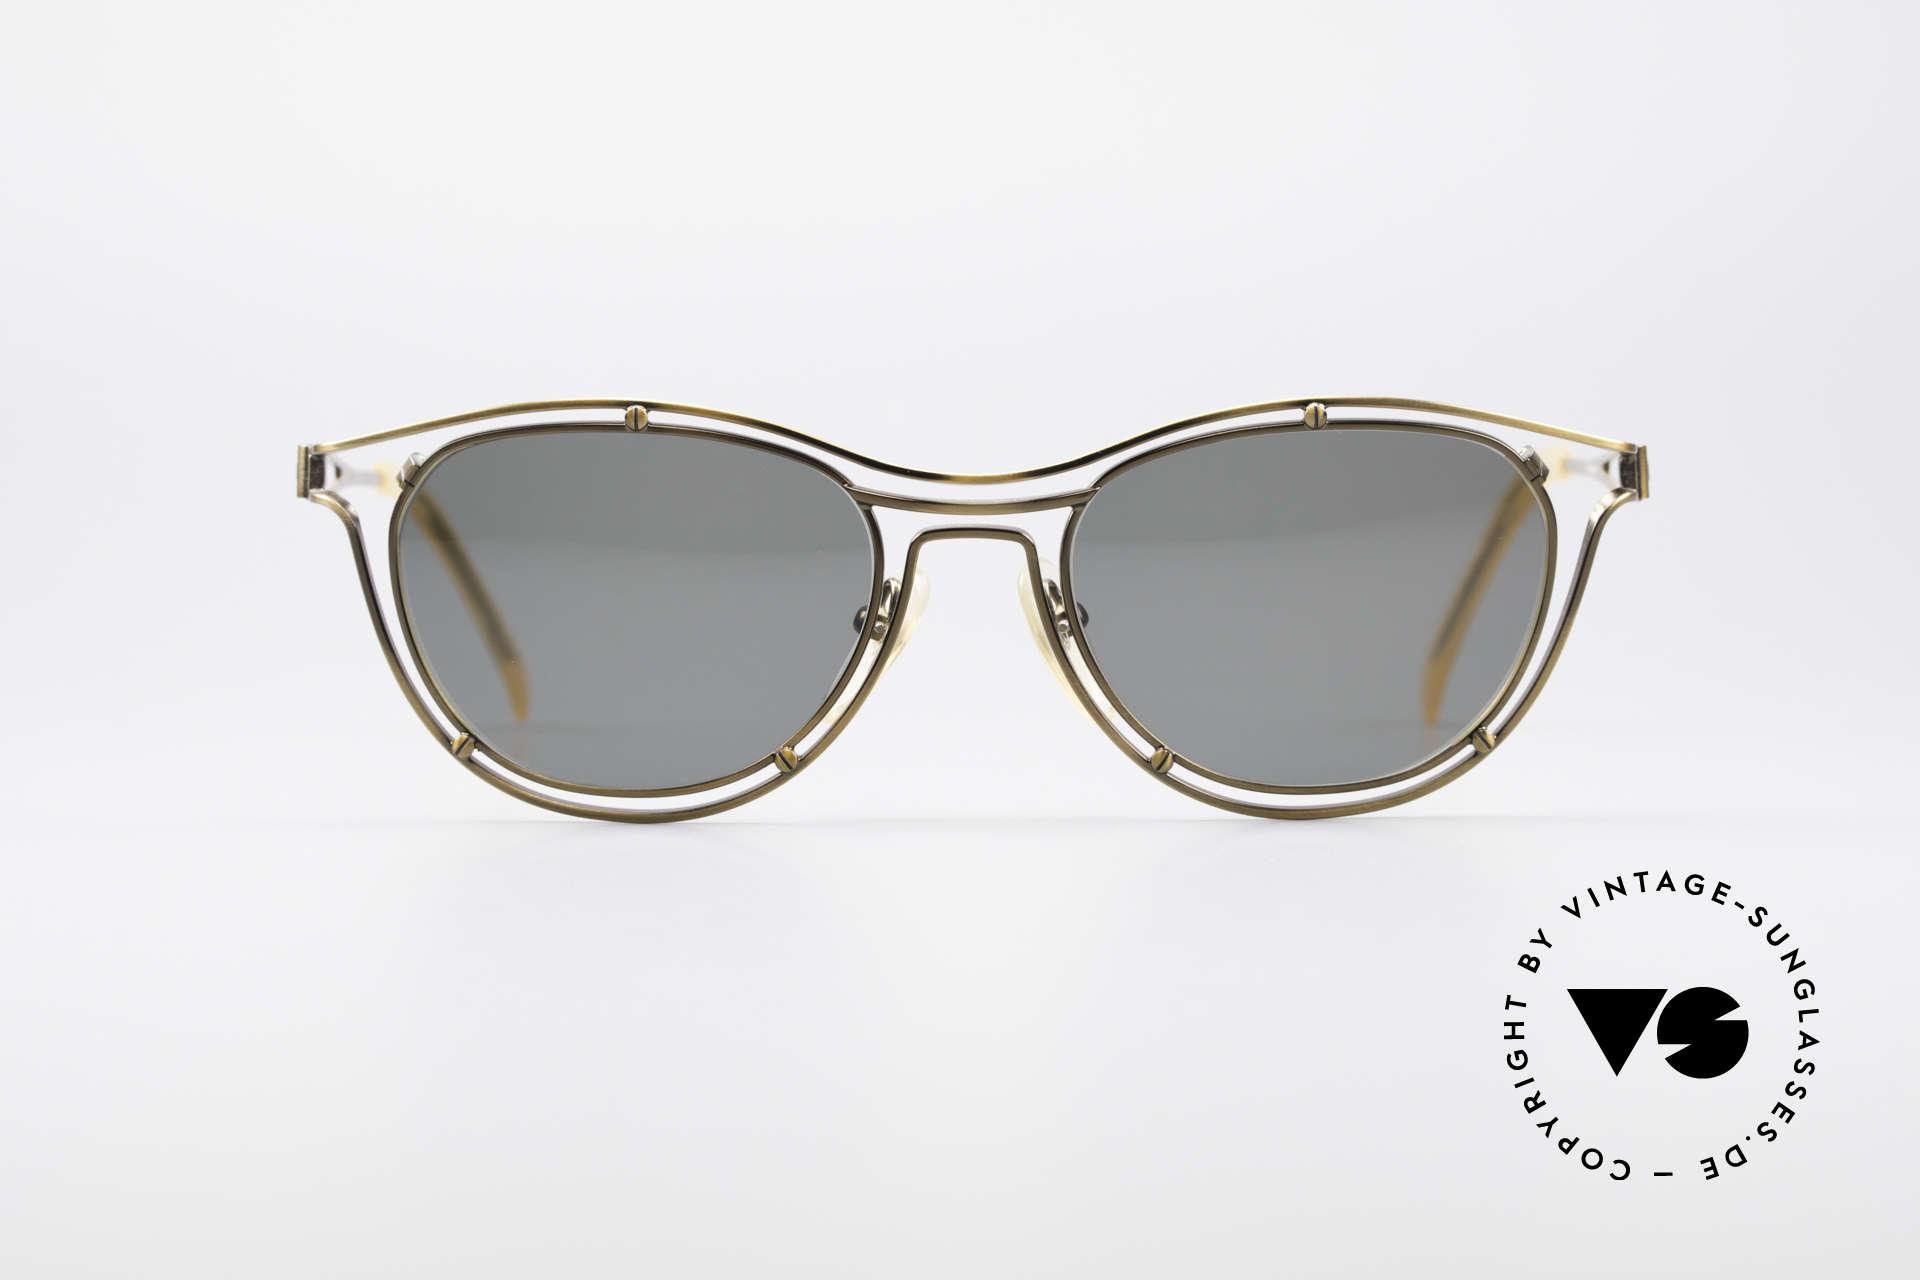 Jean Paul Gaultier 56-2176 90er Designer Sonnenbrille, geniale Rahmenkonstruktion; ein echter Hingucker, Passend für Herren und Damen